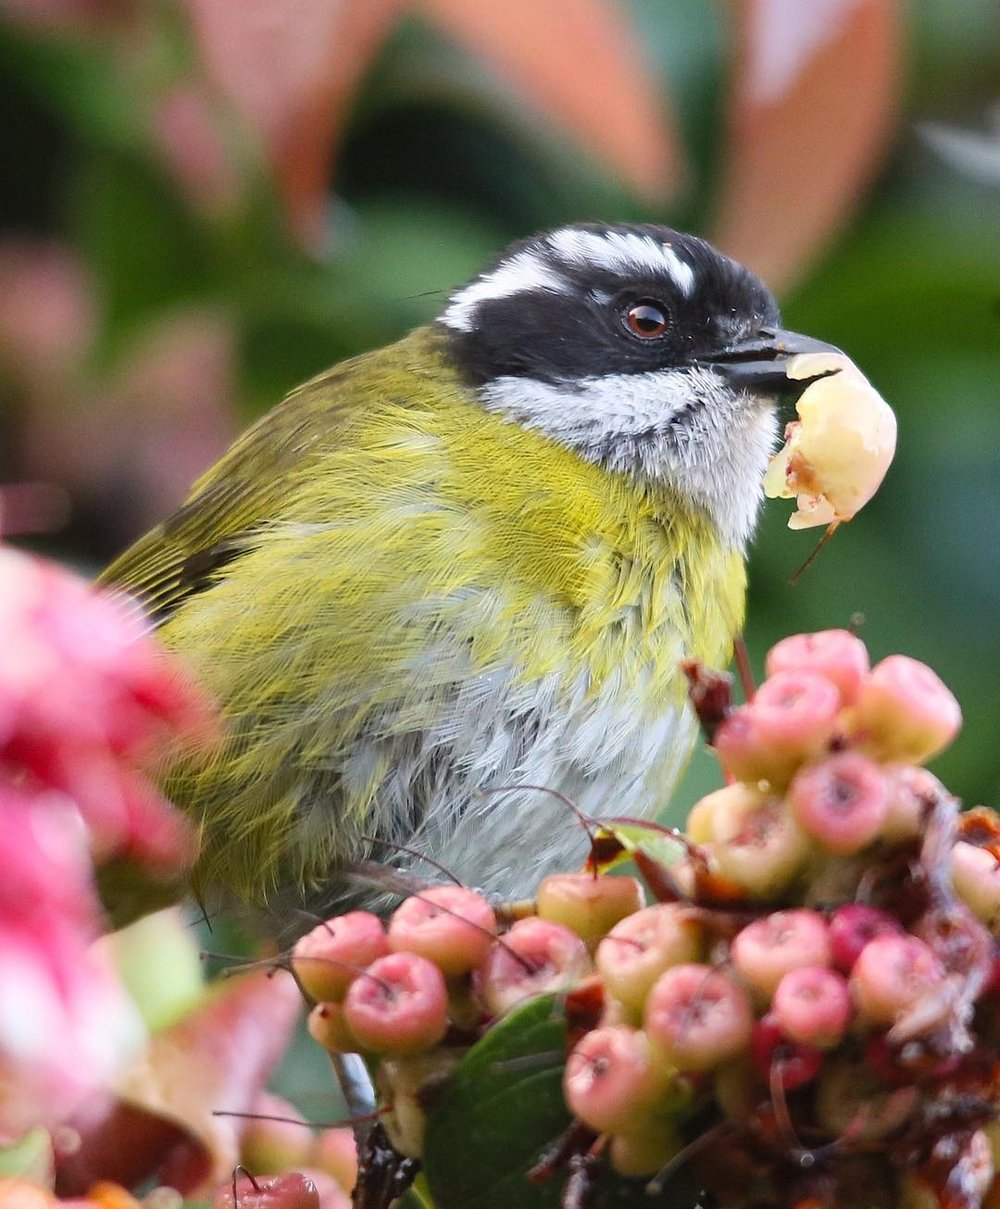 Tangara de Monte Cejiblanca (Chlorospingus pileatus). Especie endémica que habita solamente en las zonas altas y medias de Costa Rica y el oeste de Panamá. Suelen andar en grupos o bandadas mixtas en donde se mueven activamente en busca de alimento.